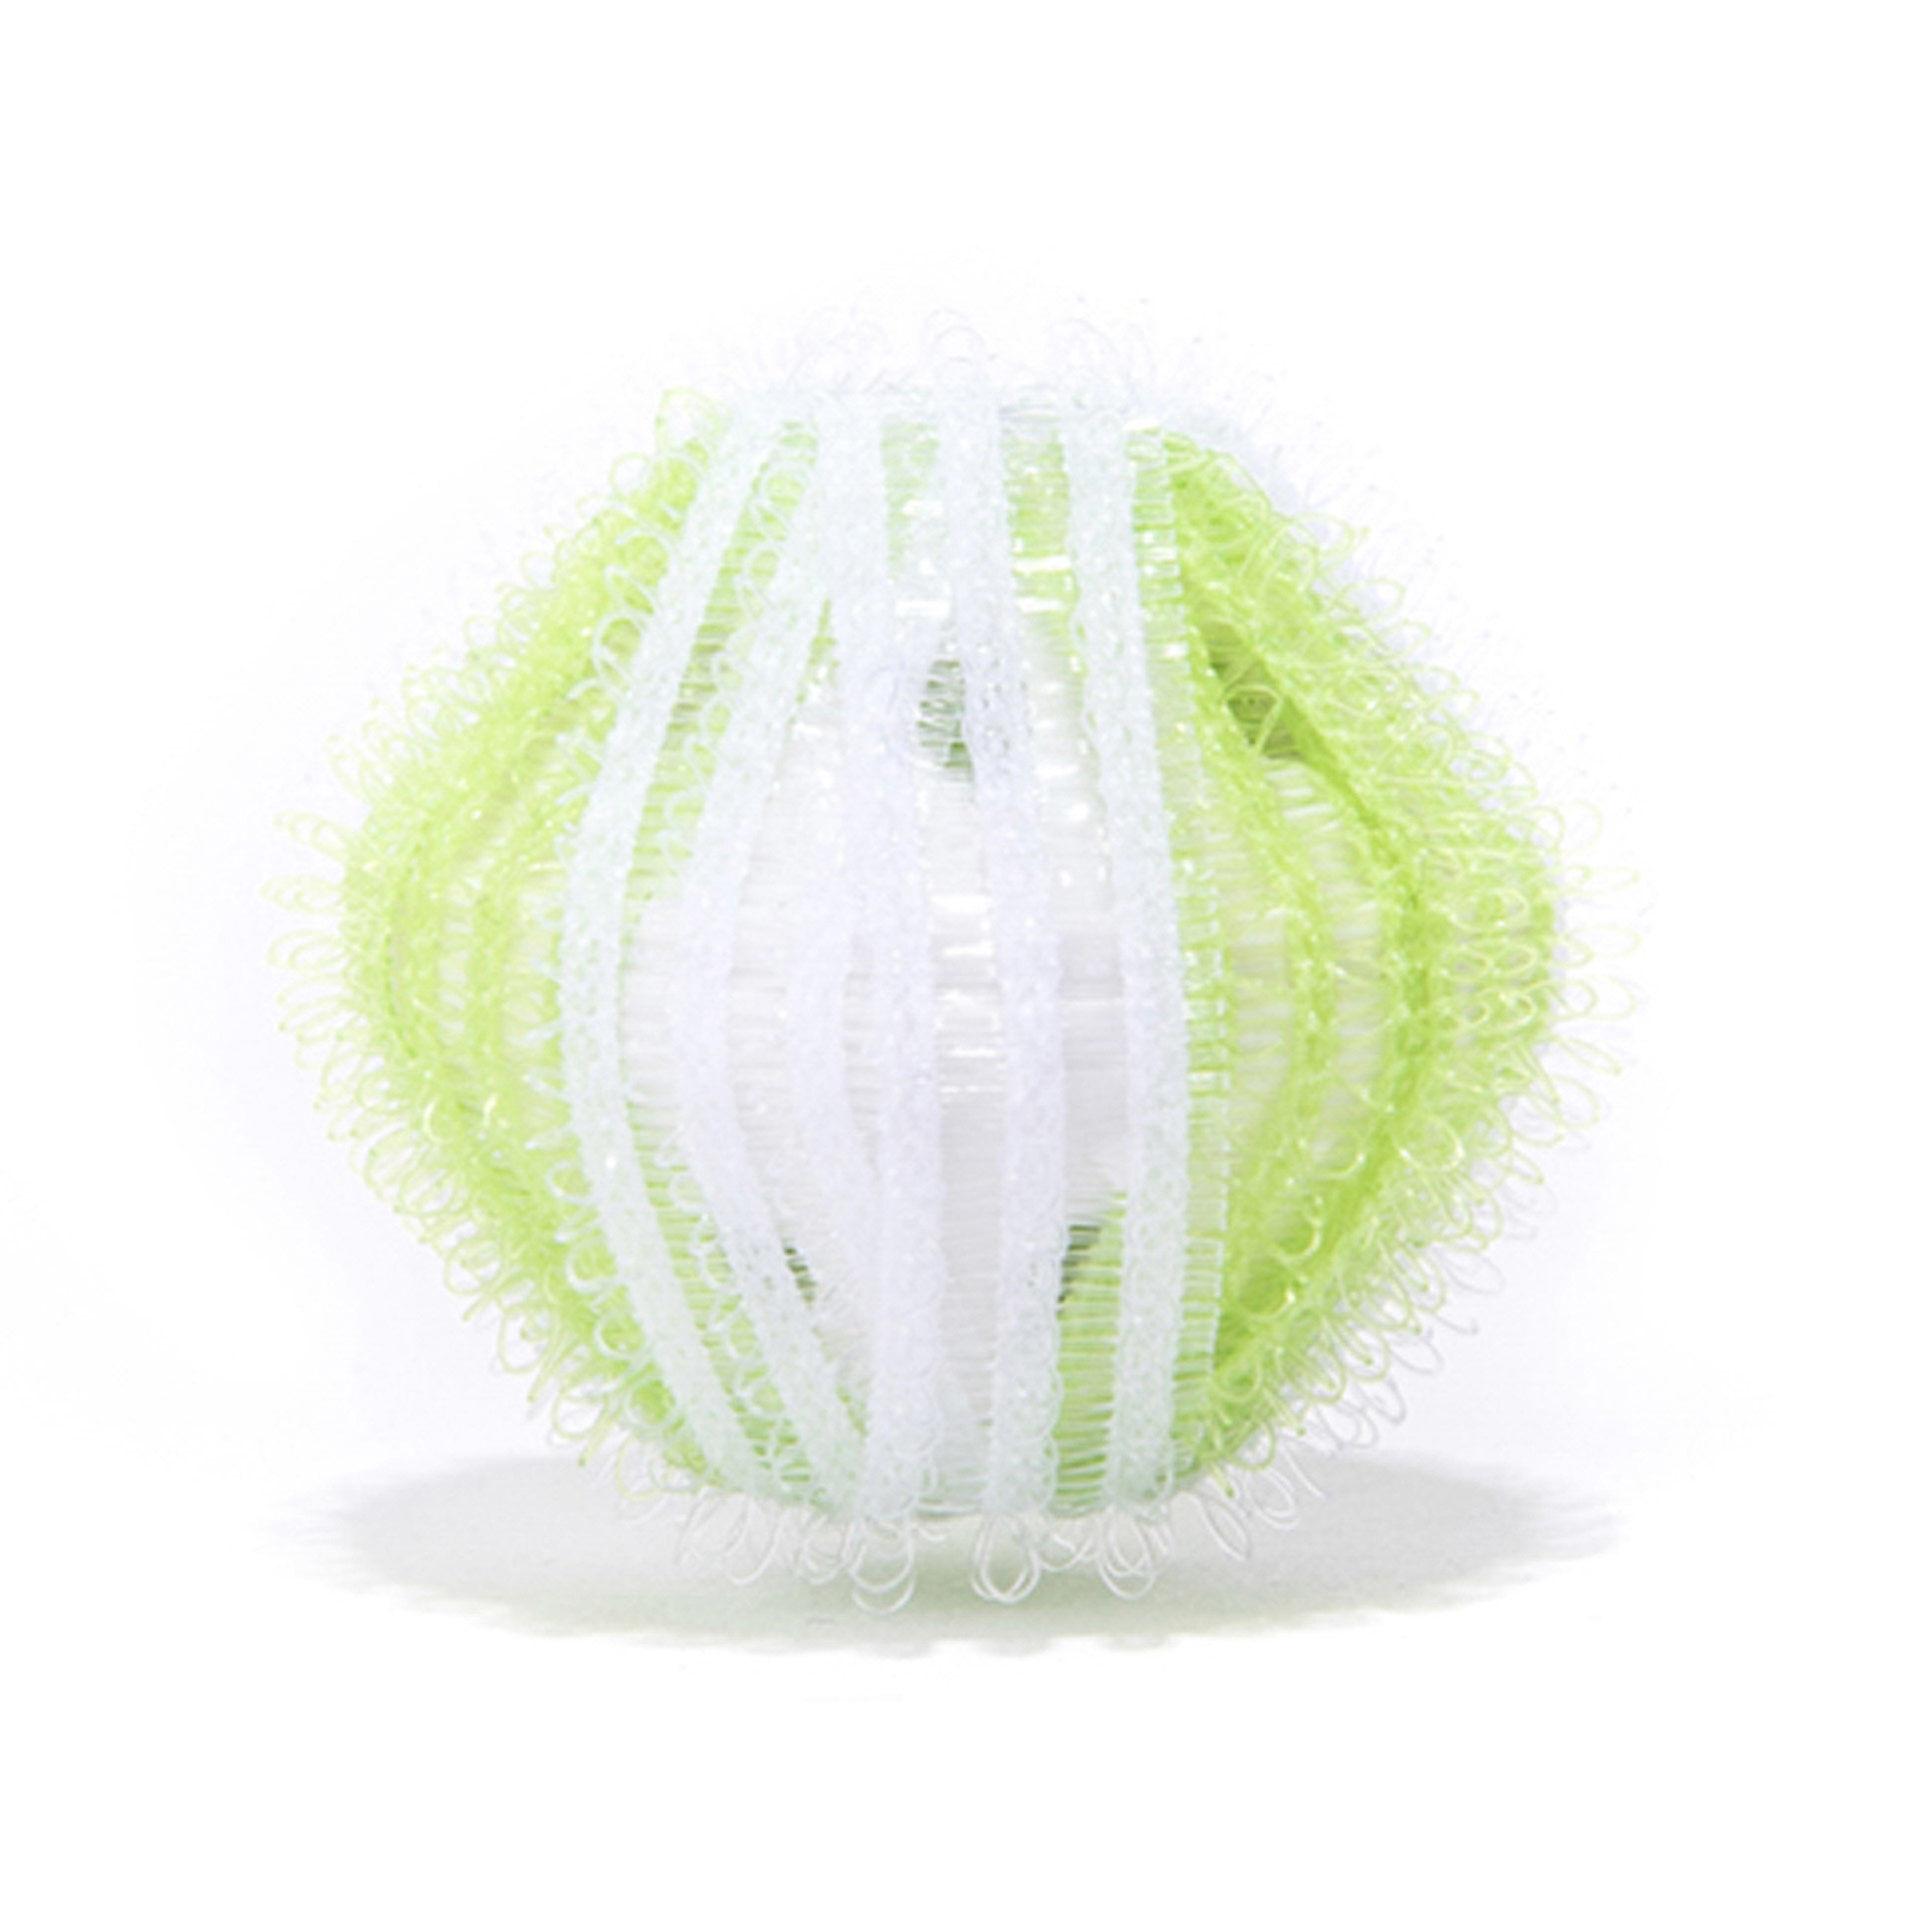 Boules attrape poils et peluches pour lave-linge - Lot de 12 pièces, , large